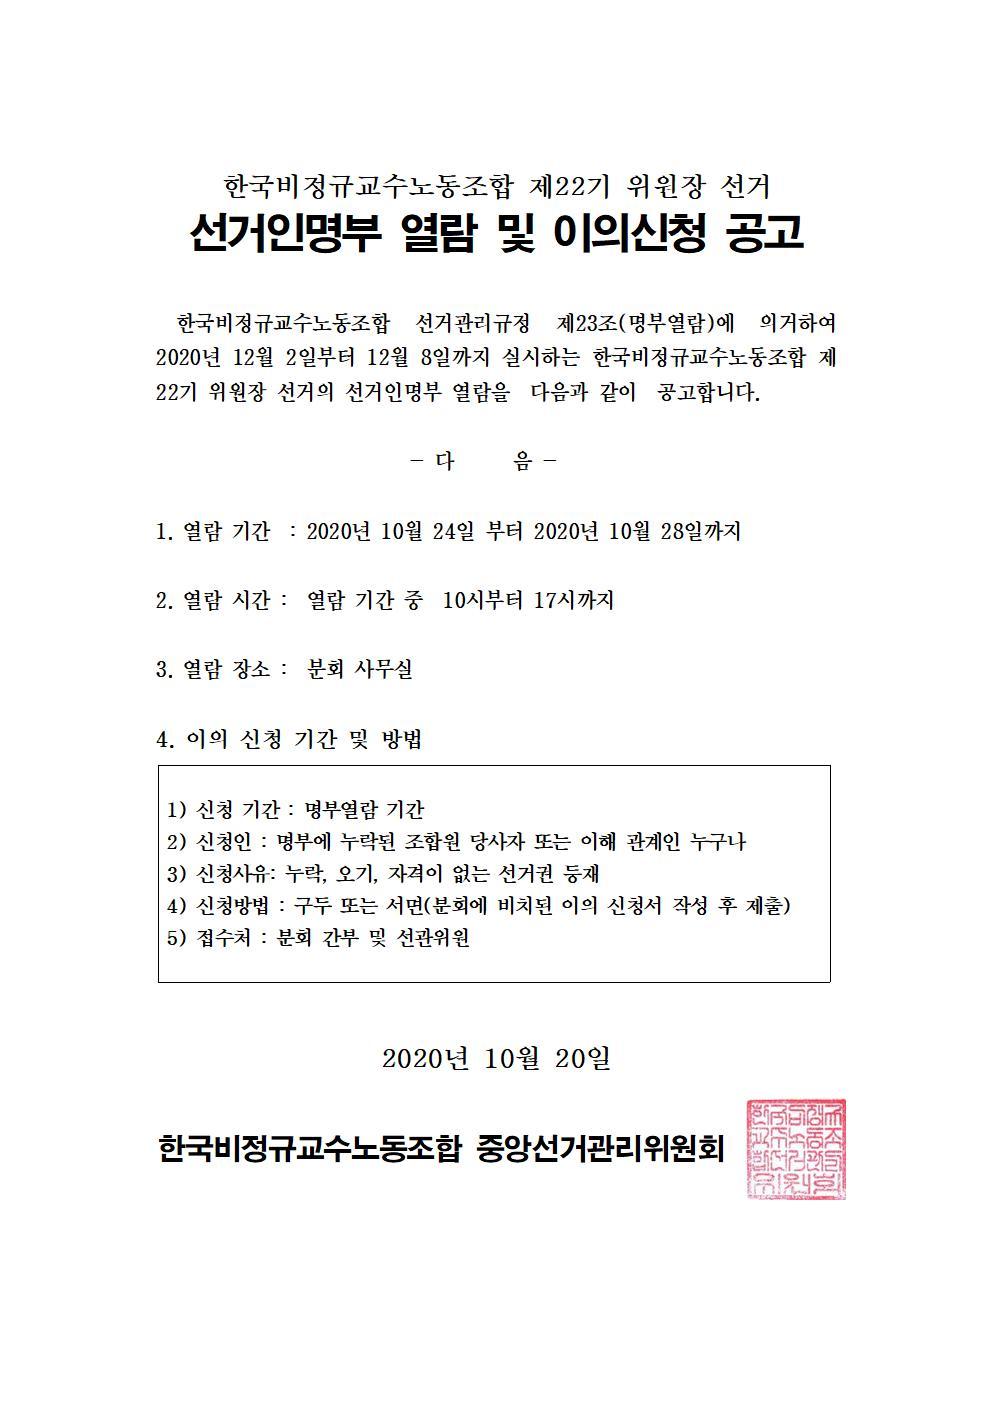 선거인명부 열람 및 이의신청 공고001.jpg